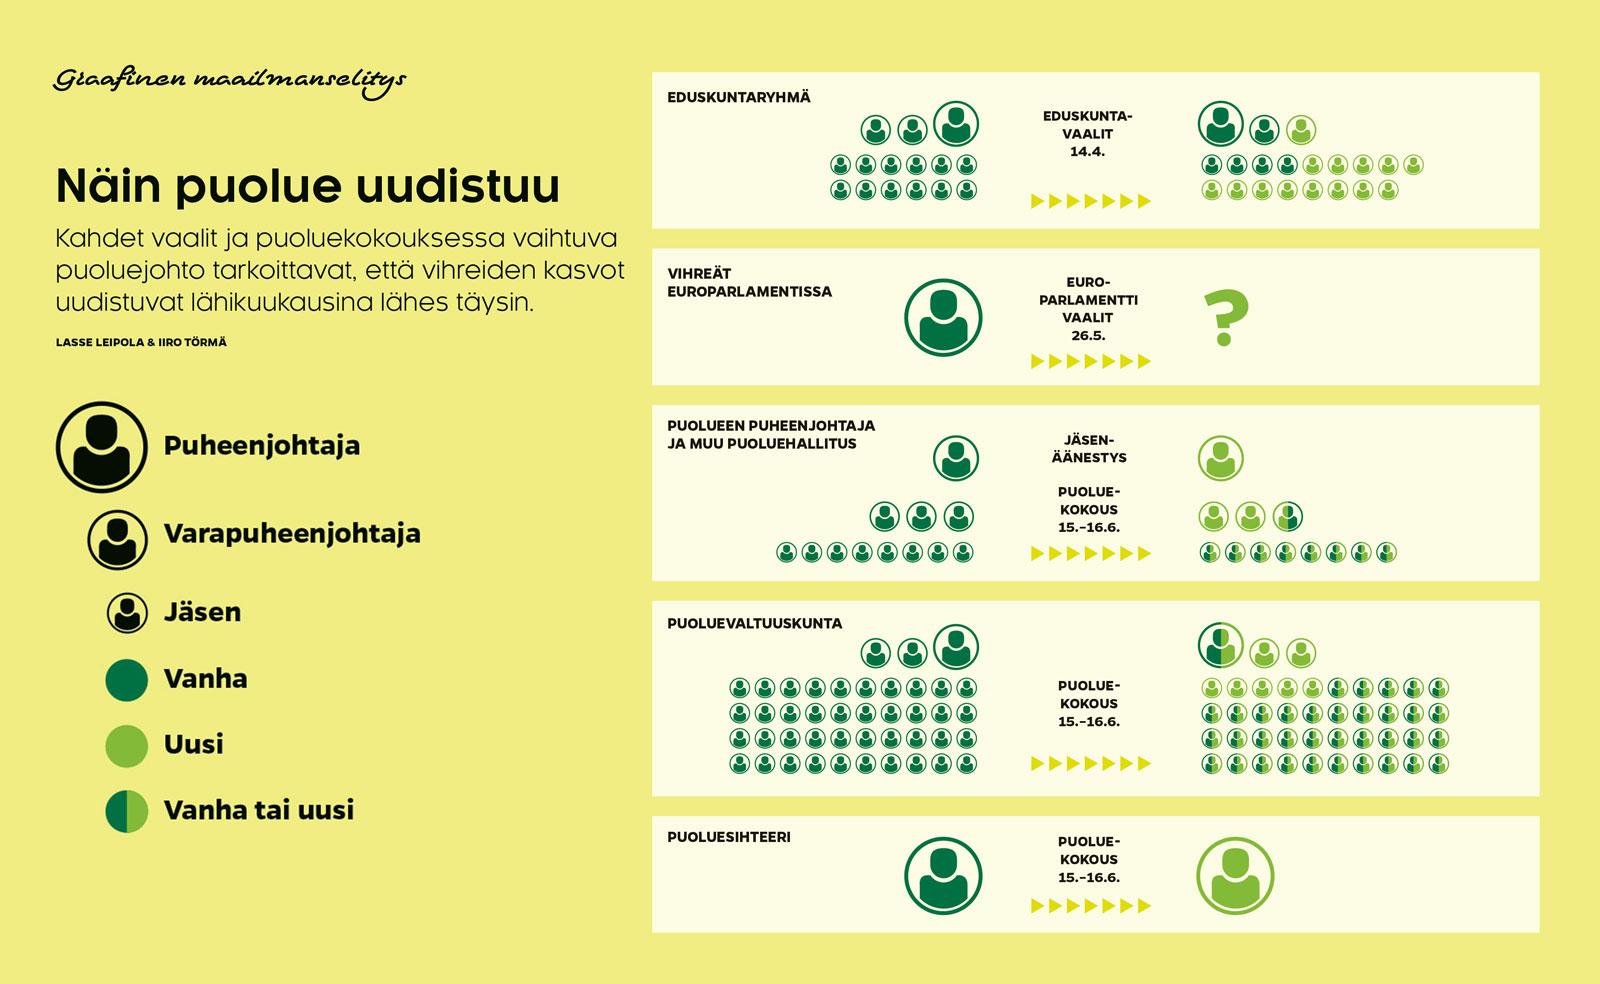 Näin puolue uudistuu (Lasse Leipola & Iiro Törmä)